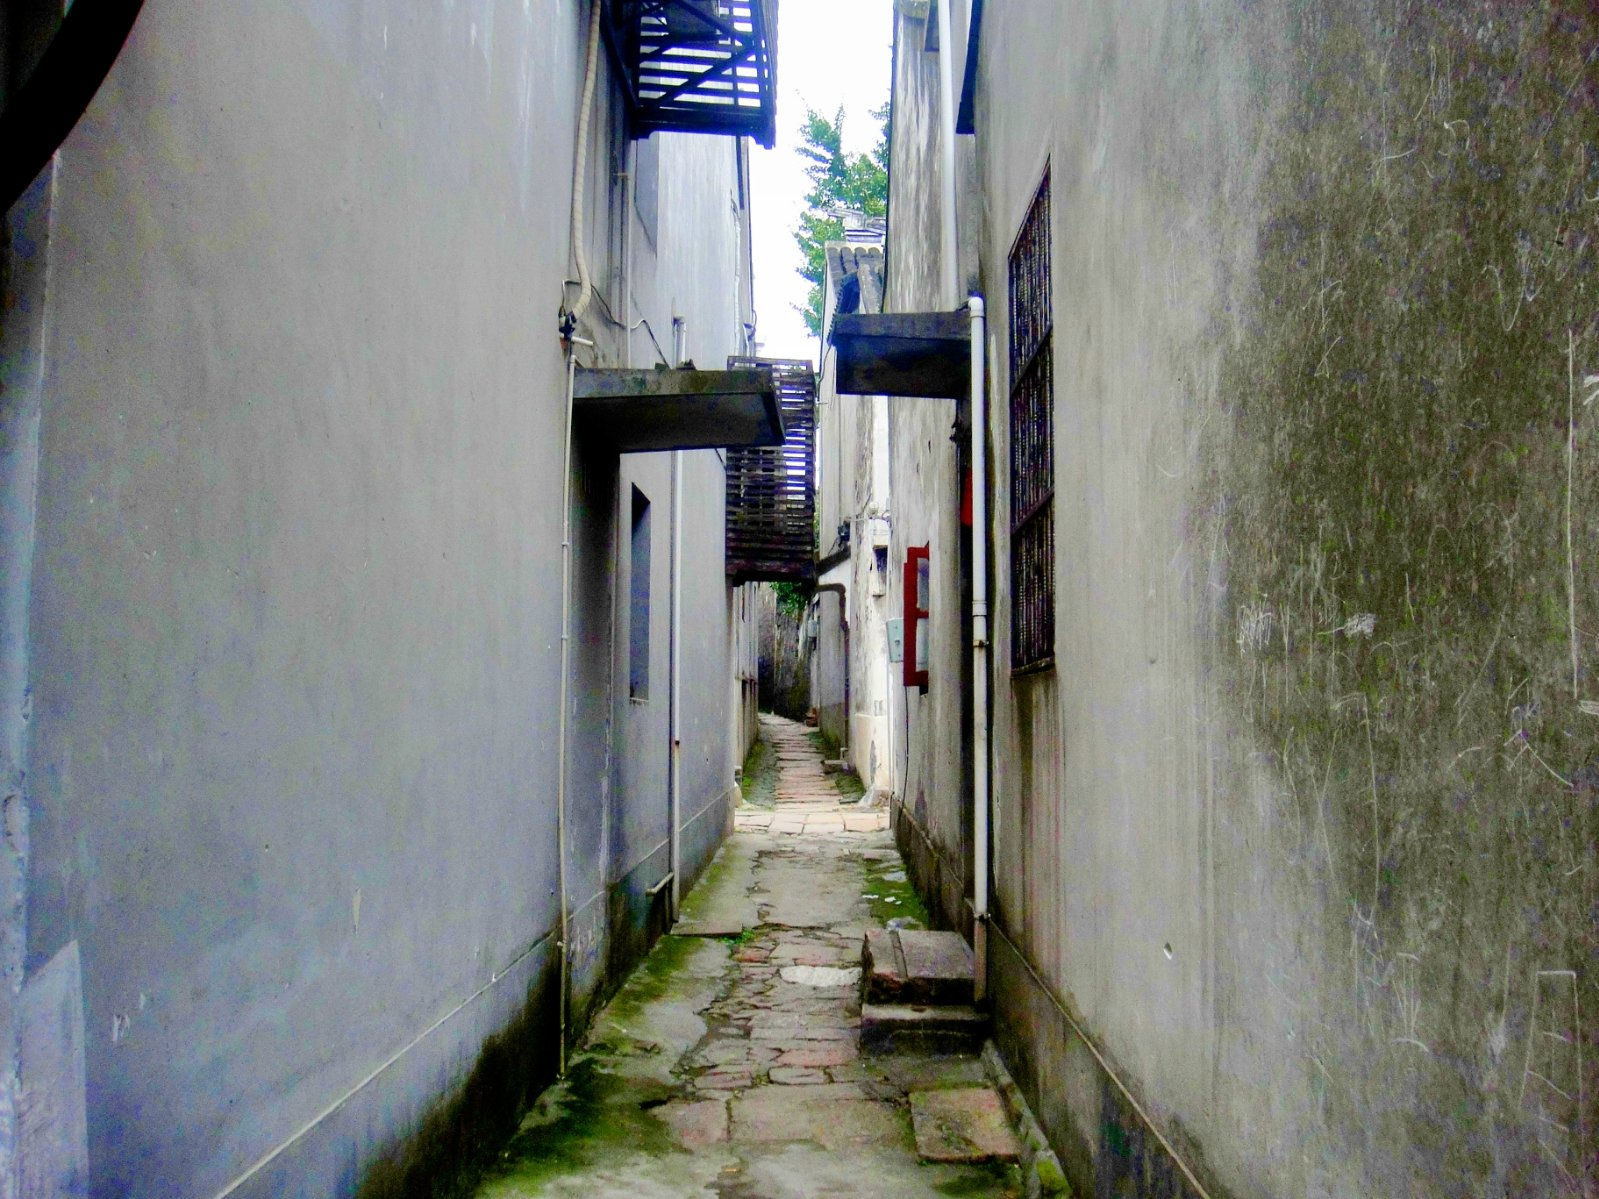 在小镇的西南角有一个穿心弄的巷子,最窄的地方不过1米,如果对面也有人走过来,两个人都侧着身才能走过去。哈哈不知道有没有人在这里有幸开启一段新的旅程。    后来有点下雨了,巷子最窄的地方,连伞都撑不开,我不得不收着伞走在也悠长寂寥的巷子里,倘若对面来个人还真不知道该怎么走呢,